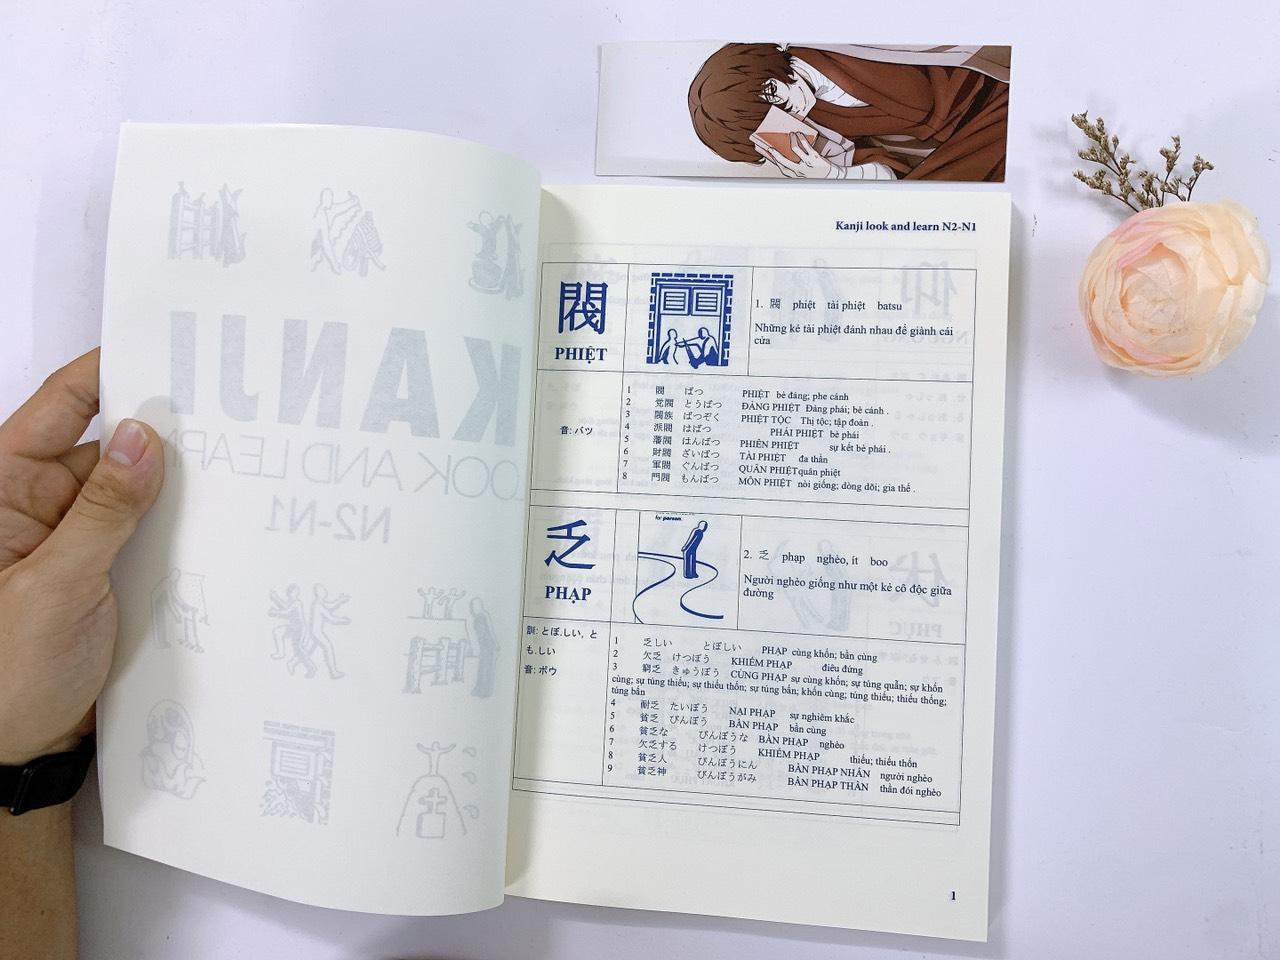 kanji look and learn n2 1